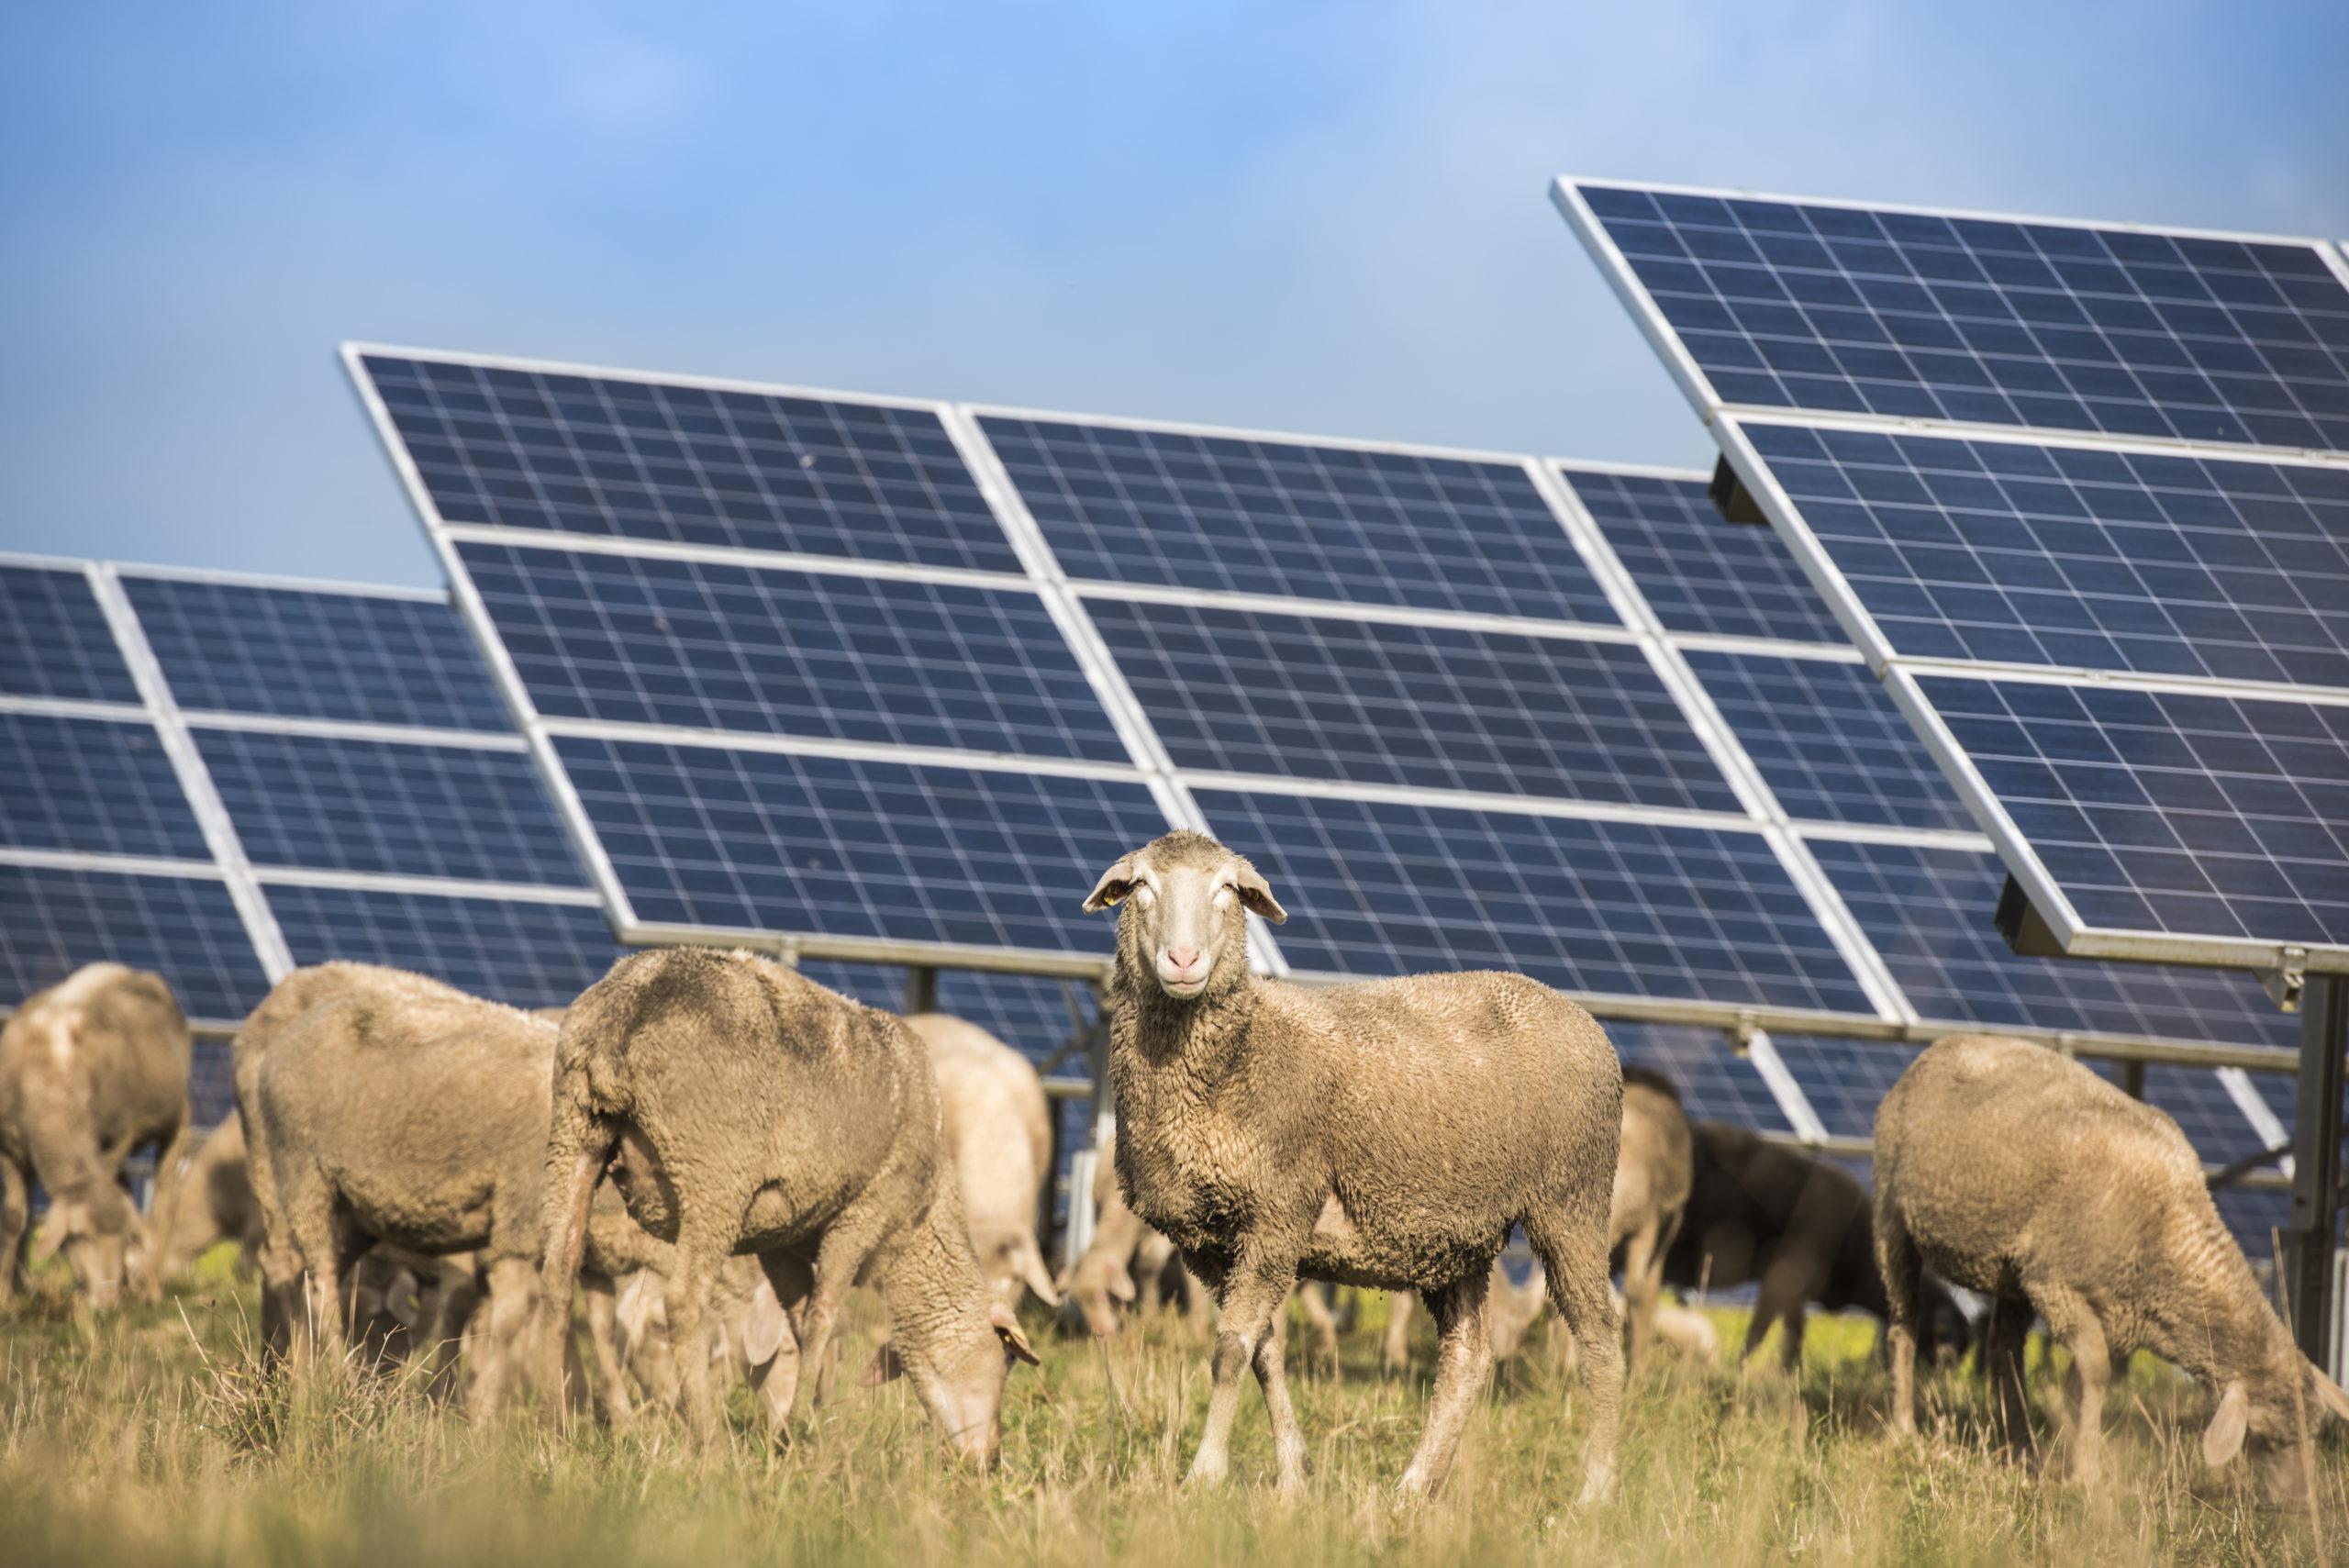 Schräg aufgestellte Solarmodule, unter denen Schafe weiden